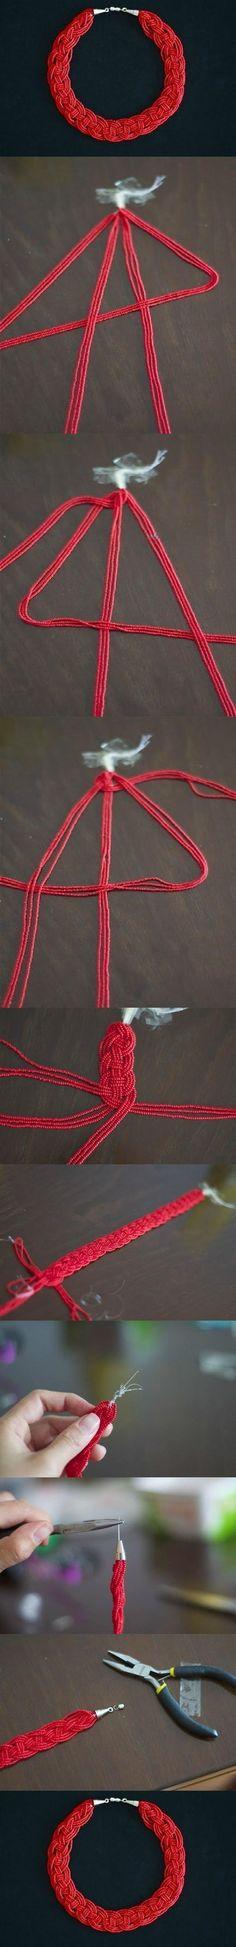 DIY Simple Bead Necklace DIY Projects / UsefulDIY.com